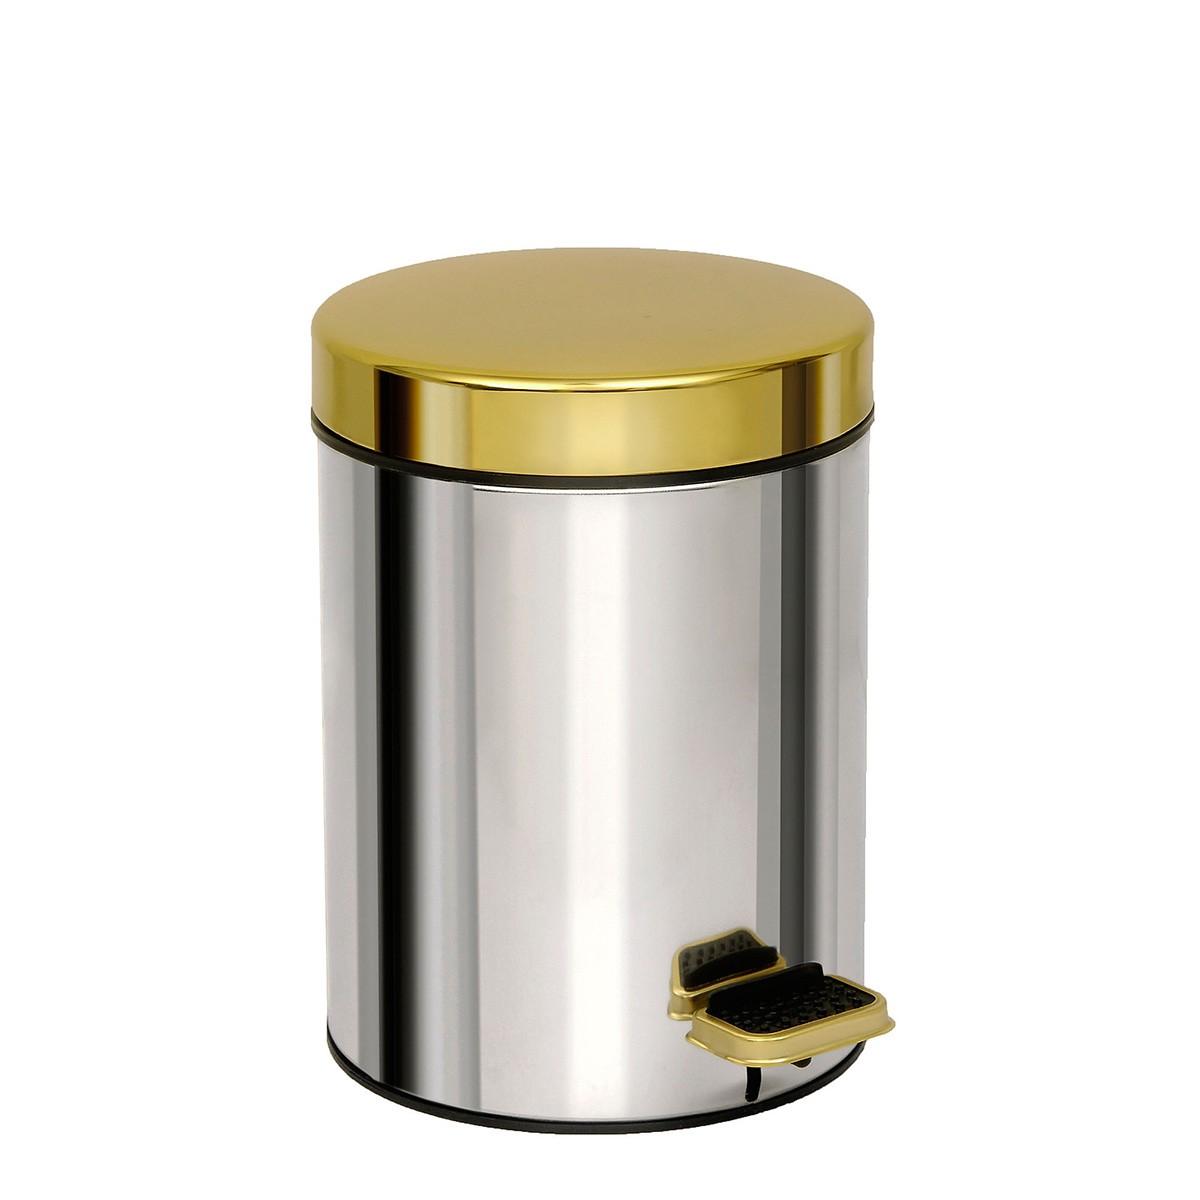 Κάδος Απορριμμάτων (18x25) PamCo 3Lit 602 Chrome/Gold home   μπάνιο   κάδοι απορριμμάτων